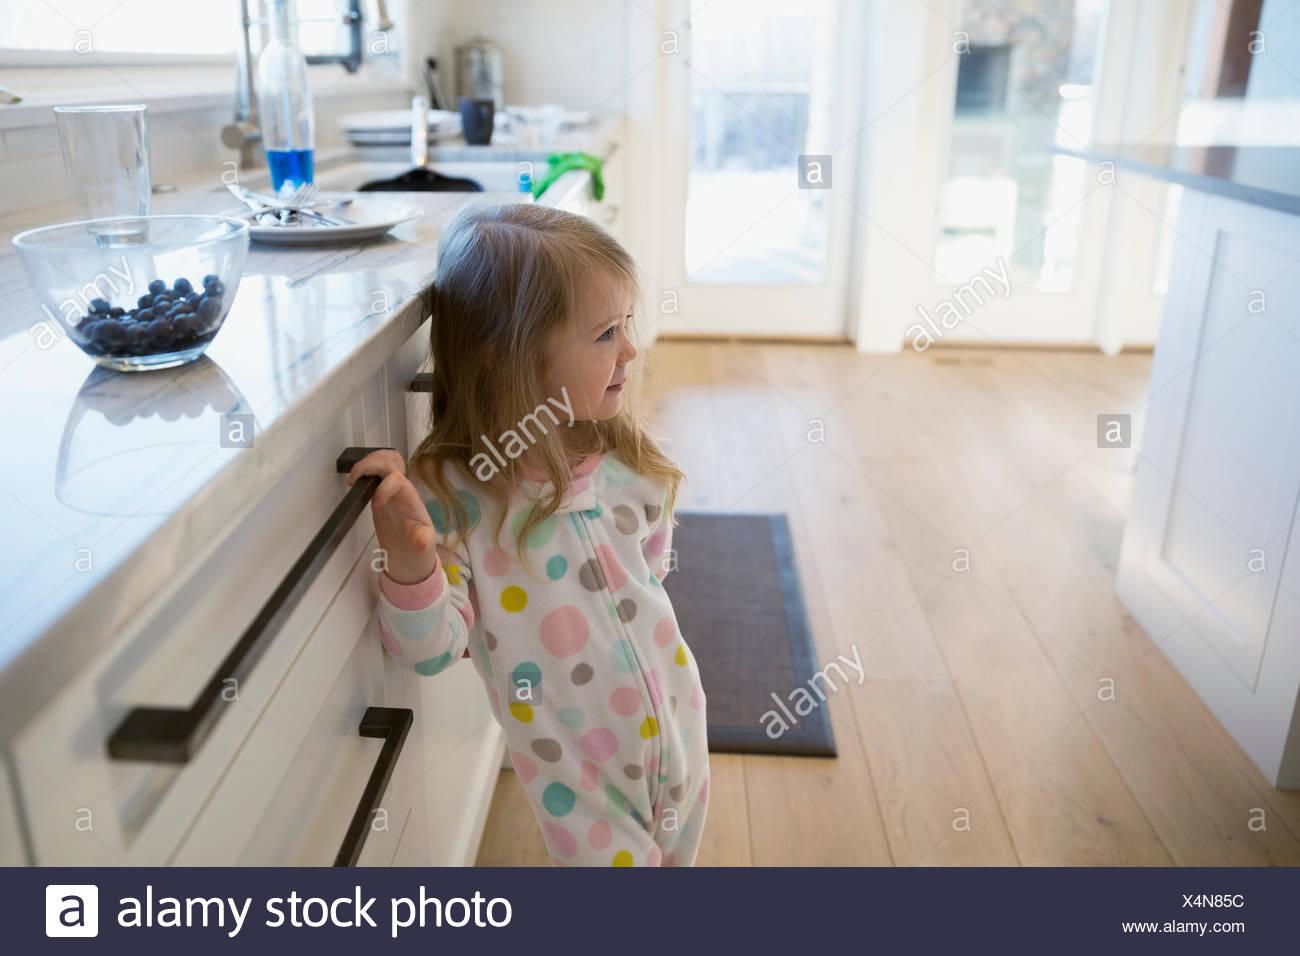 Cute girl in polka-dot pajamas in kitchen - Stock Image